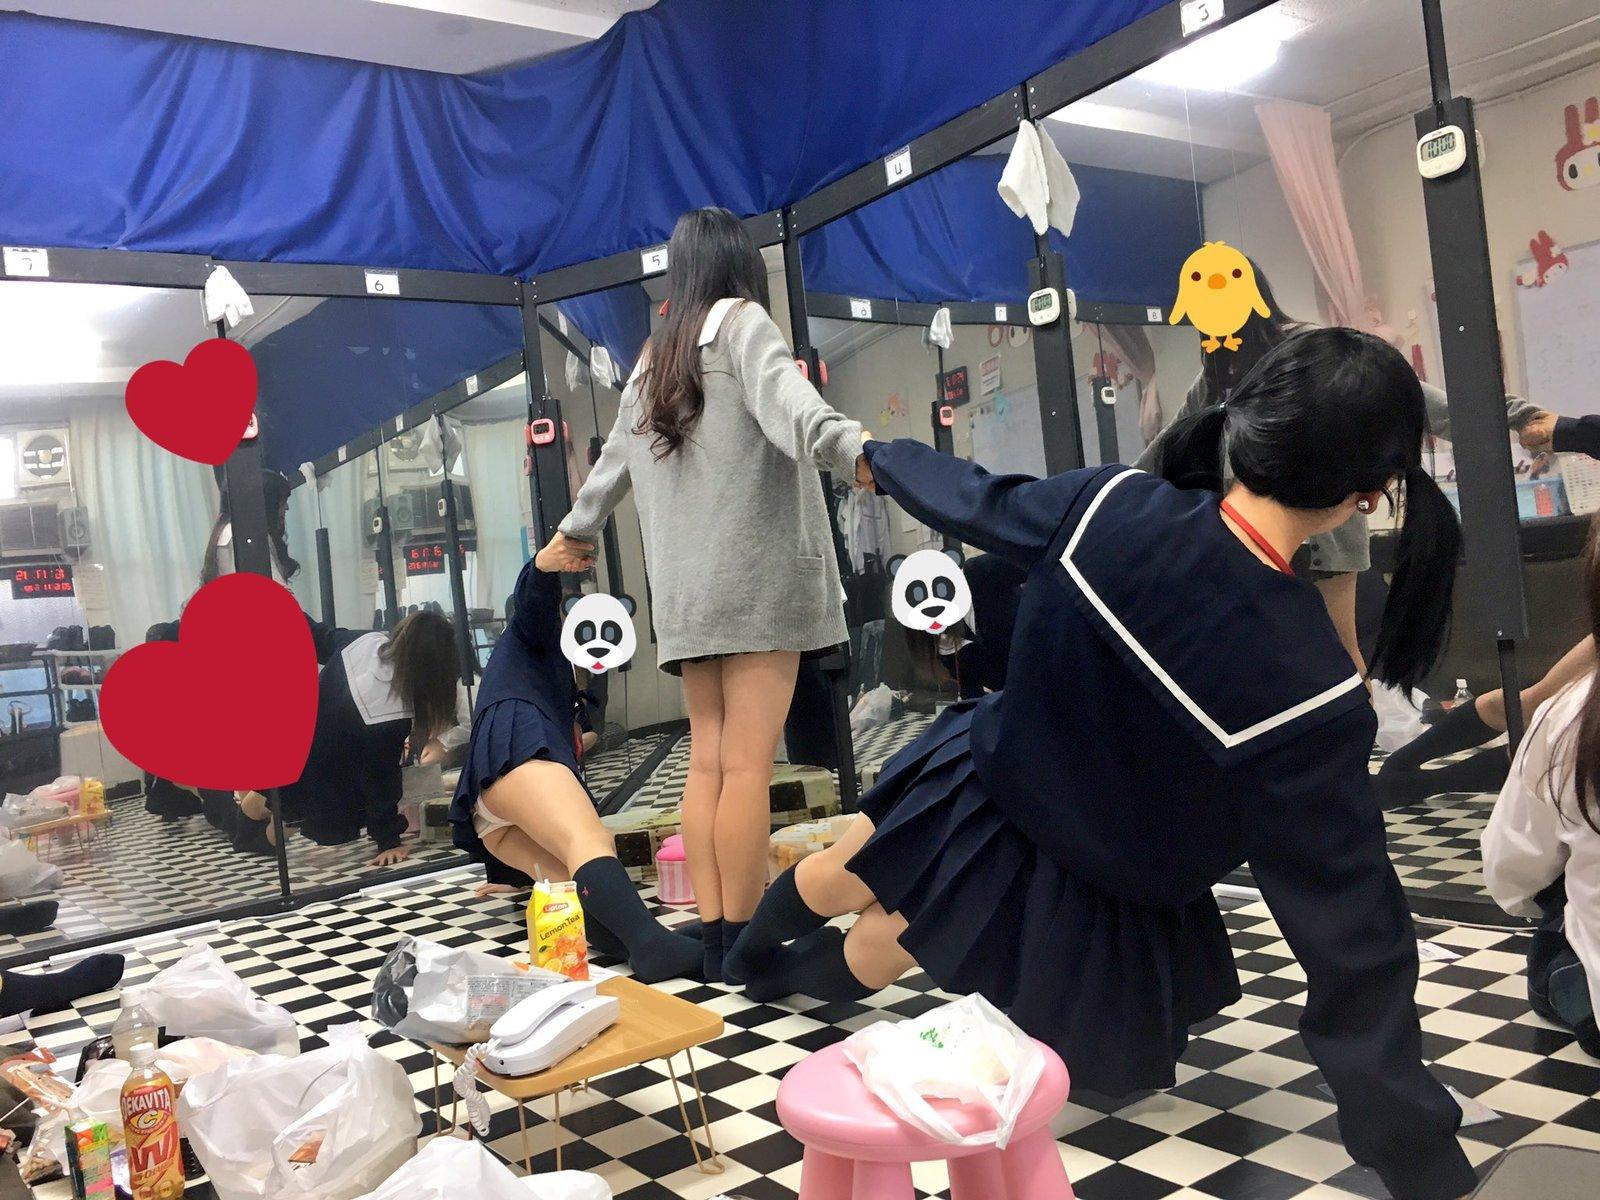 【ガチ注意】これ全員ガチで現役JKという日本の闇wwwwwwwwwwwwwwwwwwwwww・6枚目